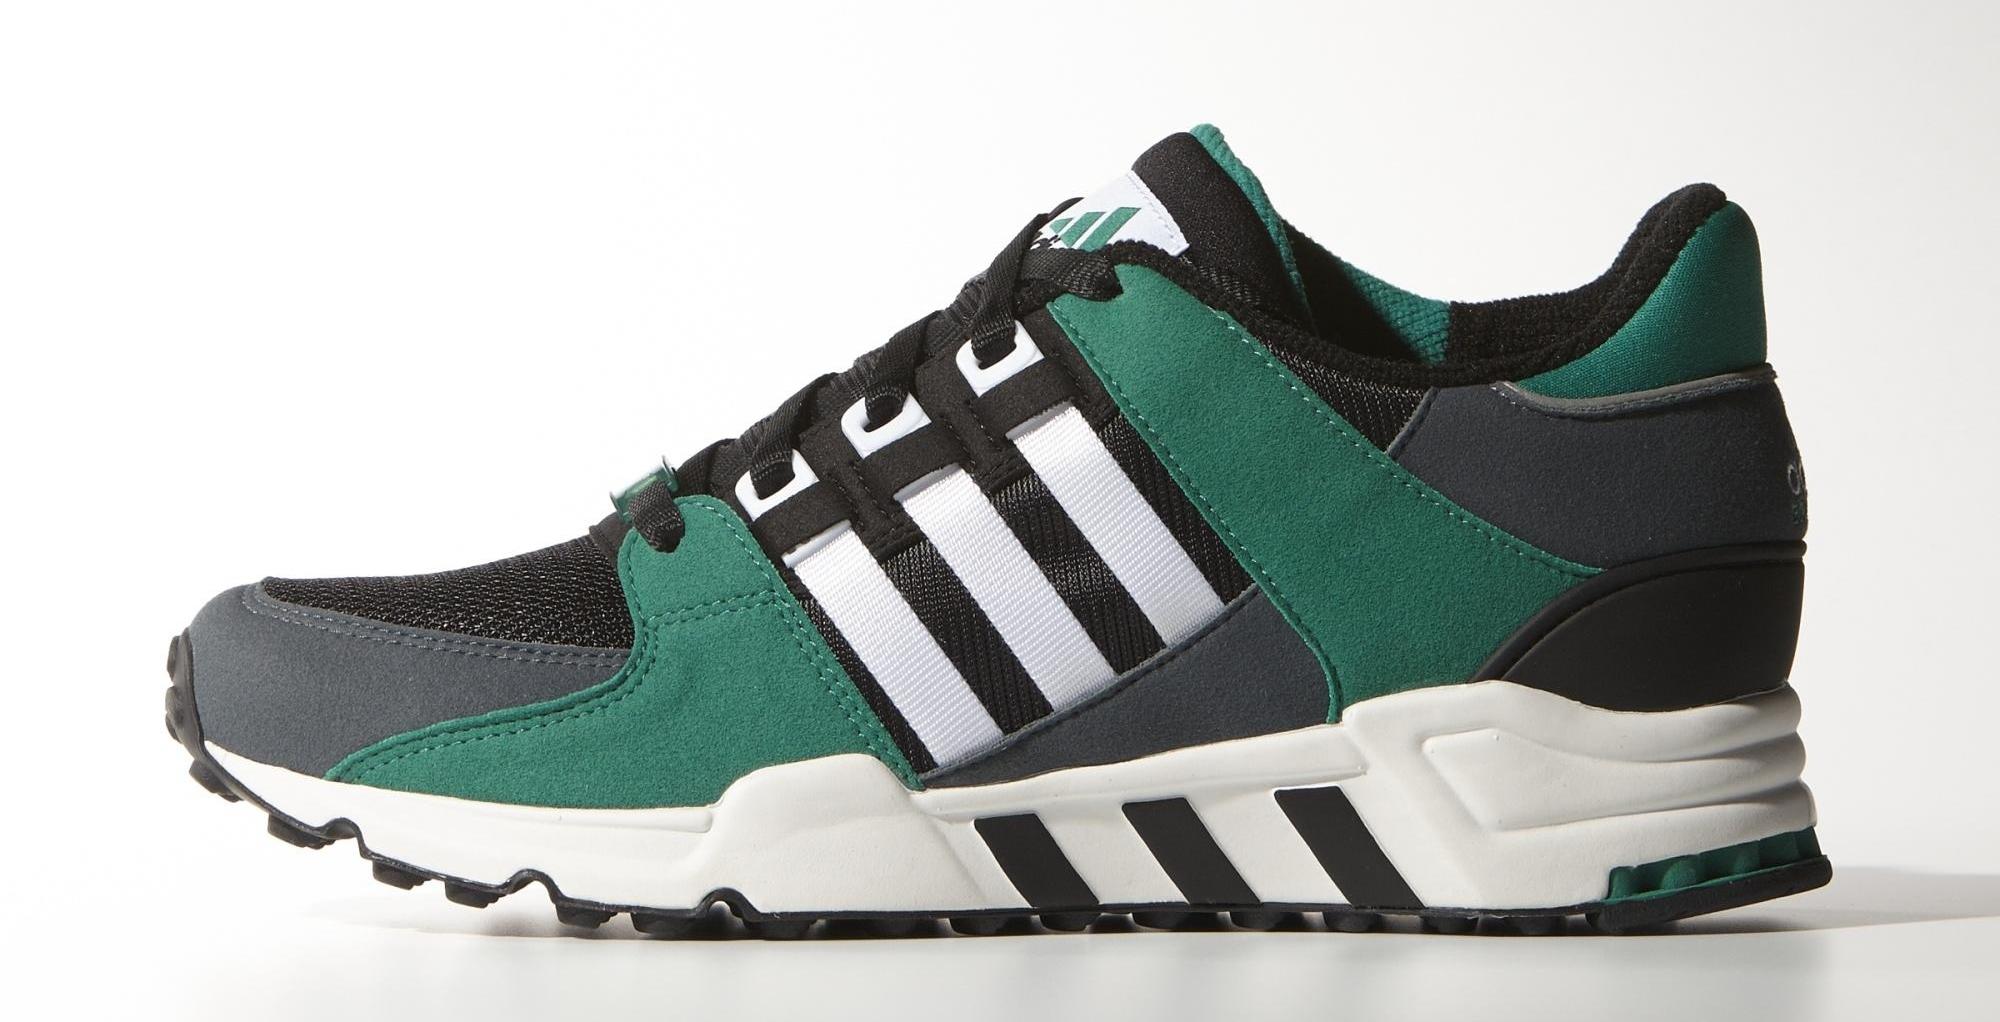 Adidas Originals EQT Support 93 OG Green